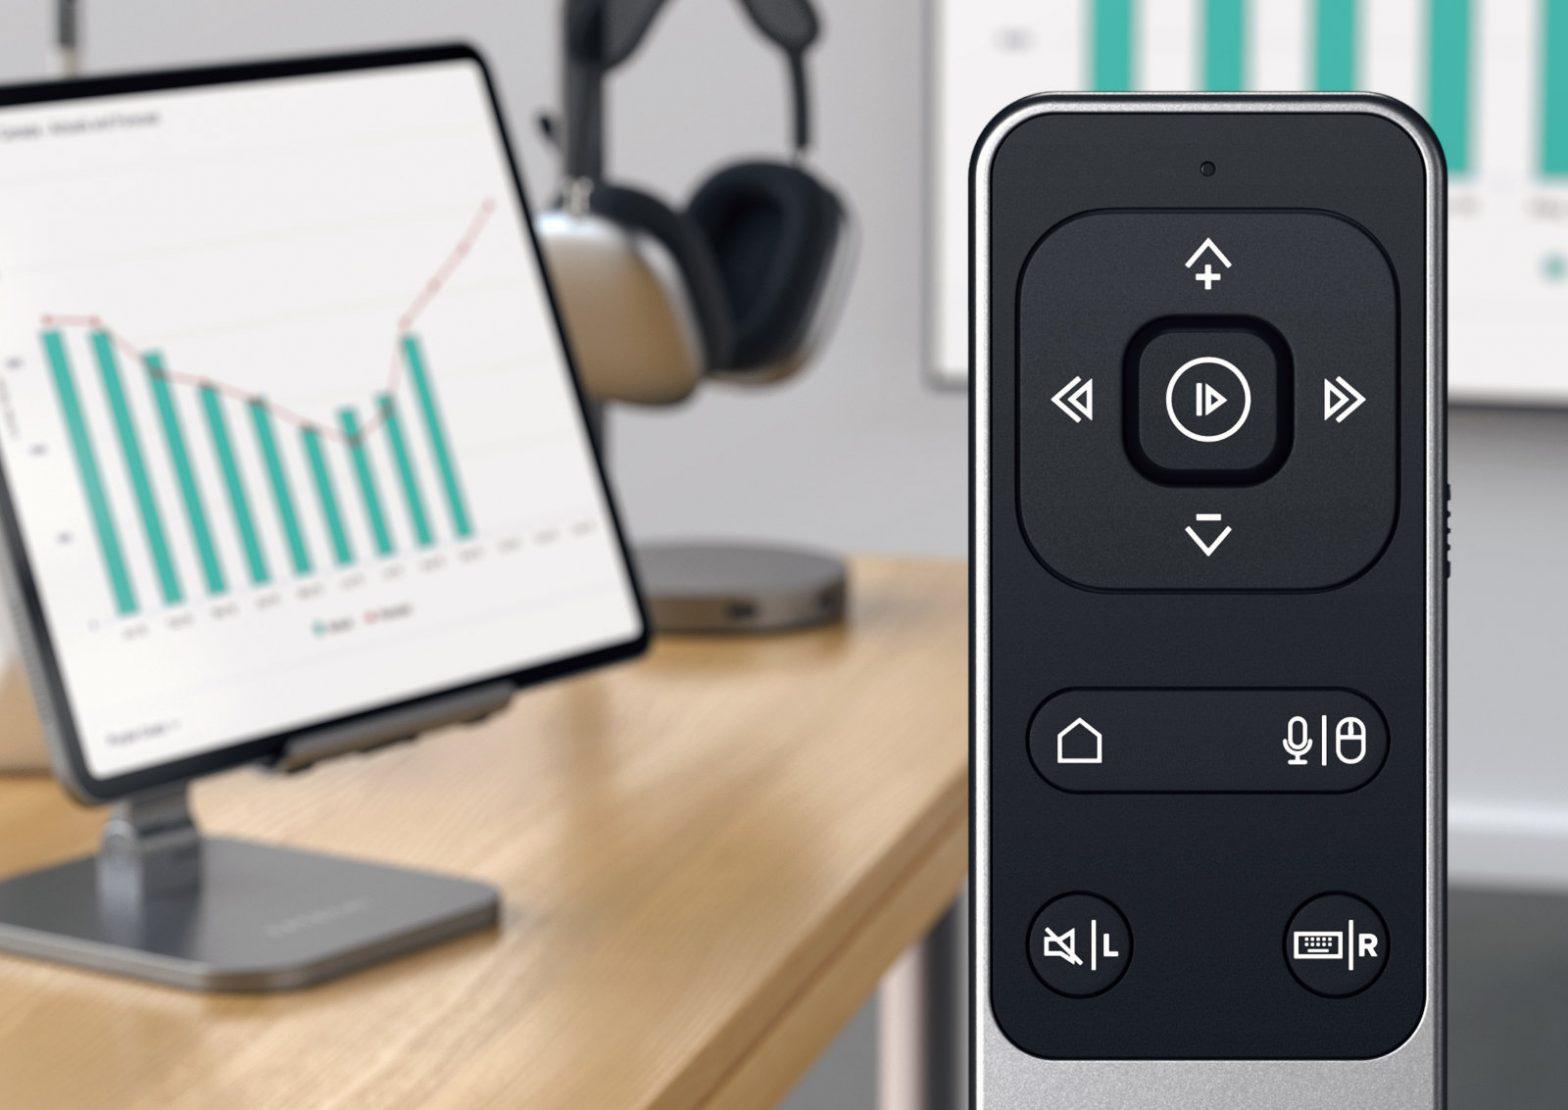 satechi-stellt-zwei-neue-fernbedienungen-fur-prasentationen-und-medienwiedergabe-vor